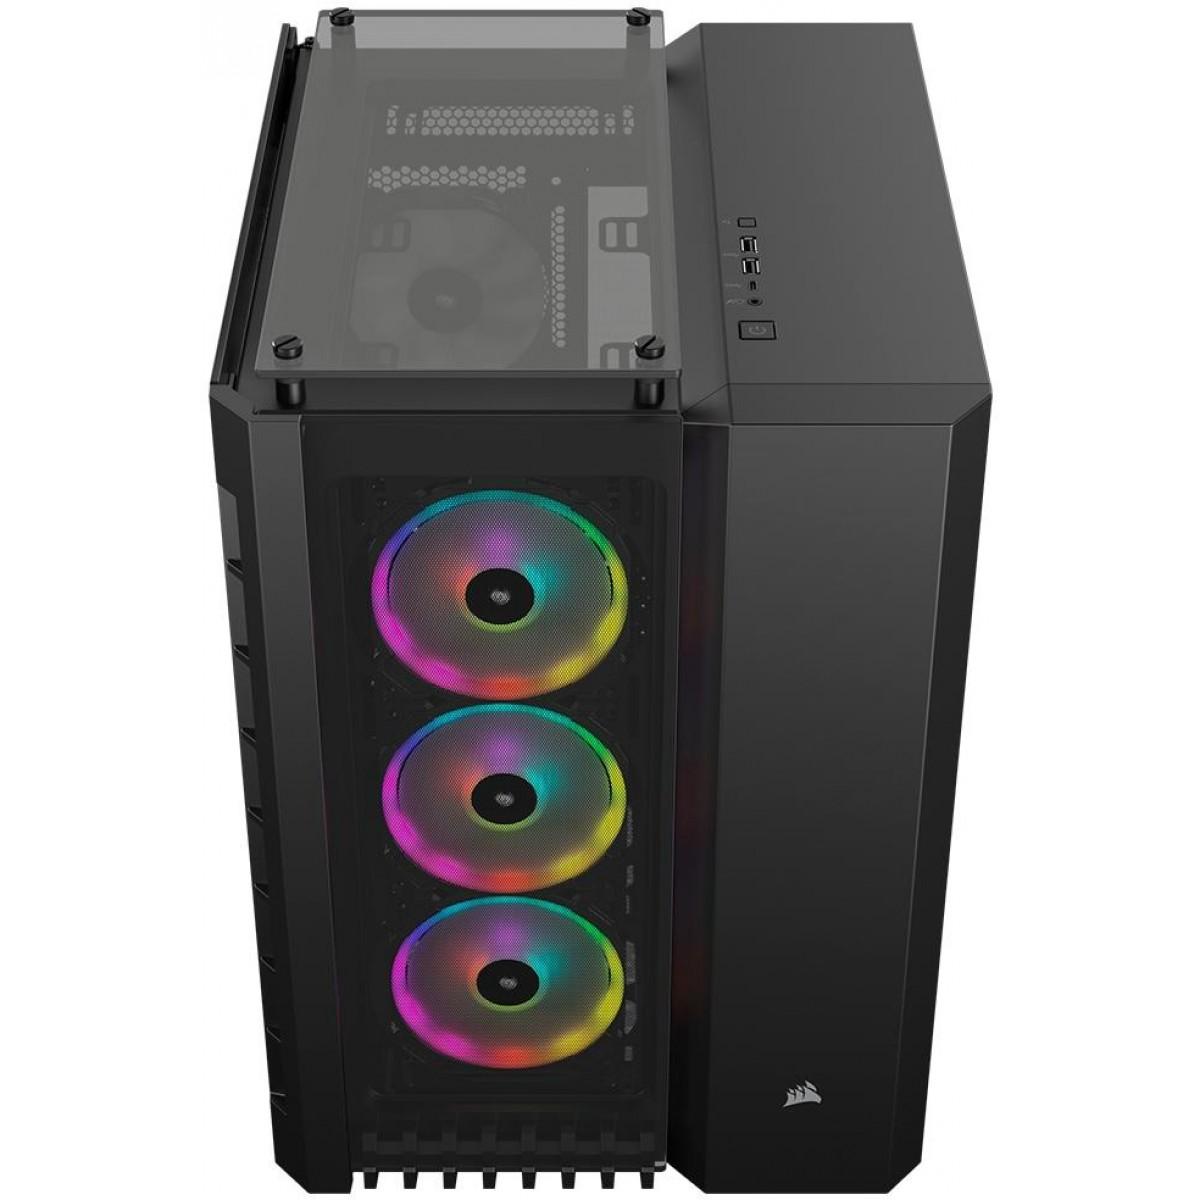 Gabinete Gamer Corsair Crystal 680x RGB, Full Tower, Vidro Temperado, Com 4 Fans, Black, Sem Fonte, CC-9011168-WW